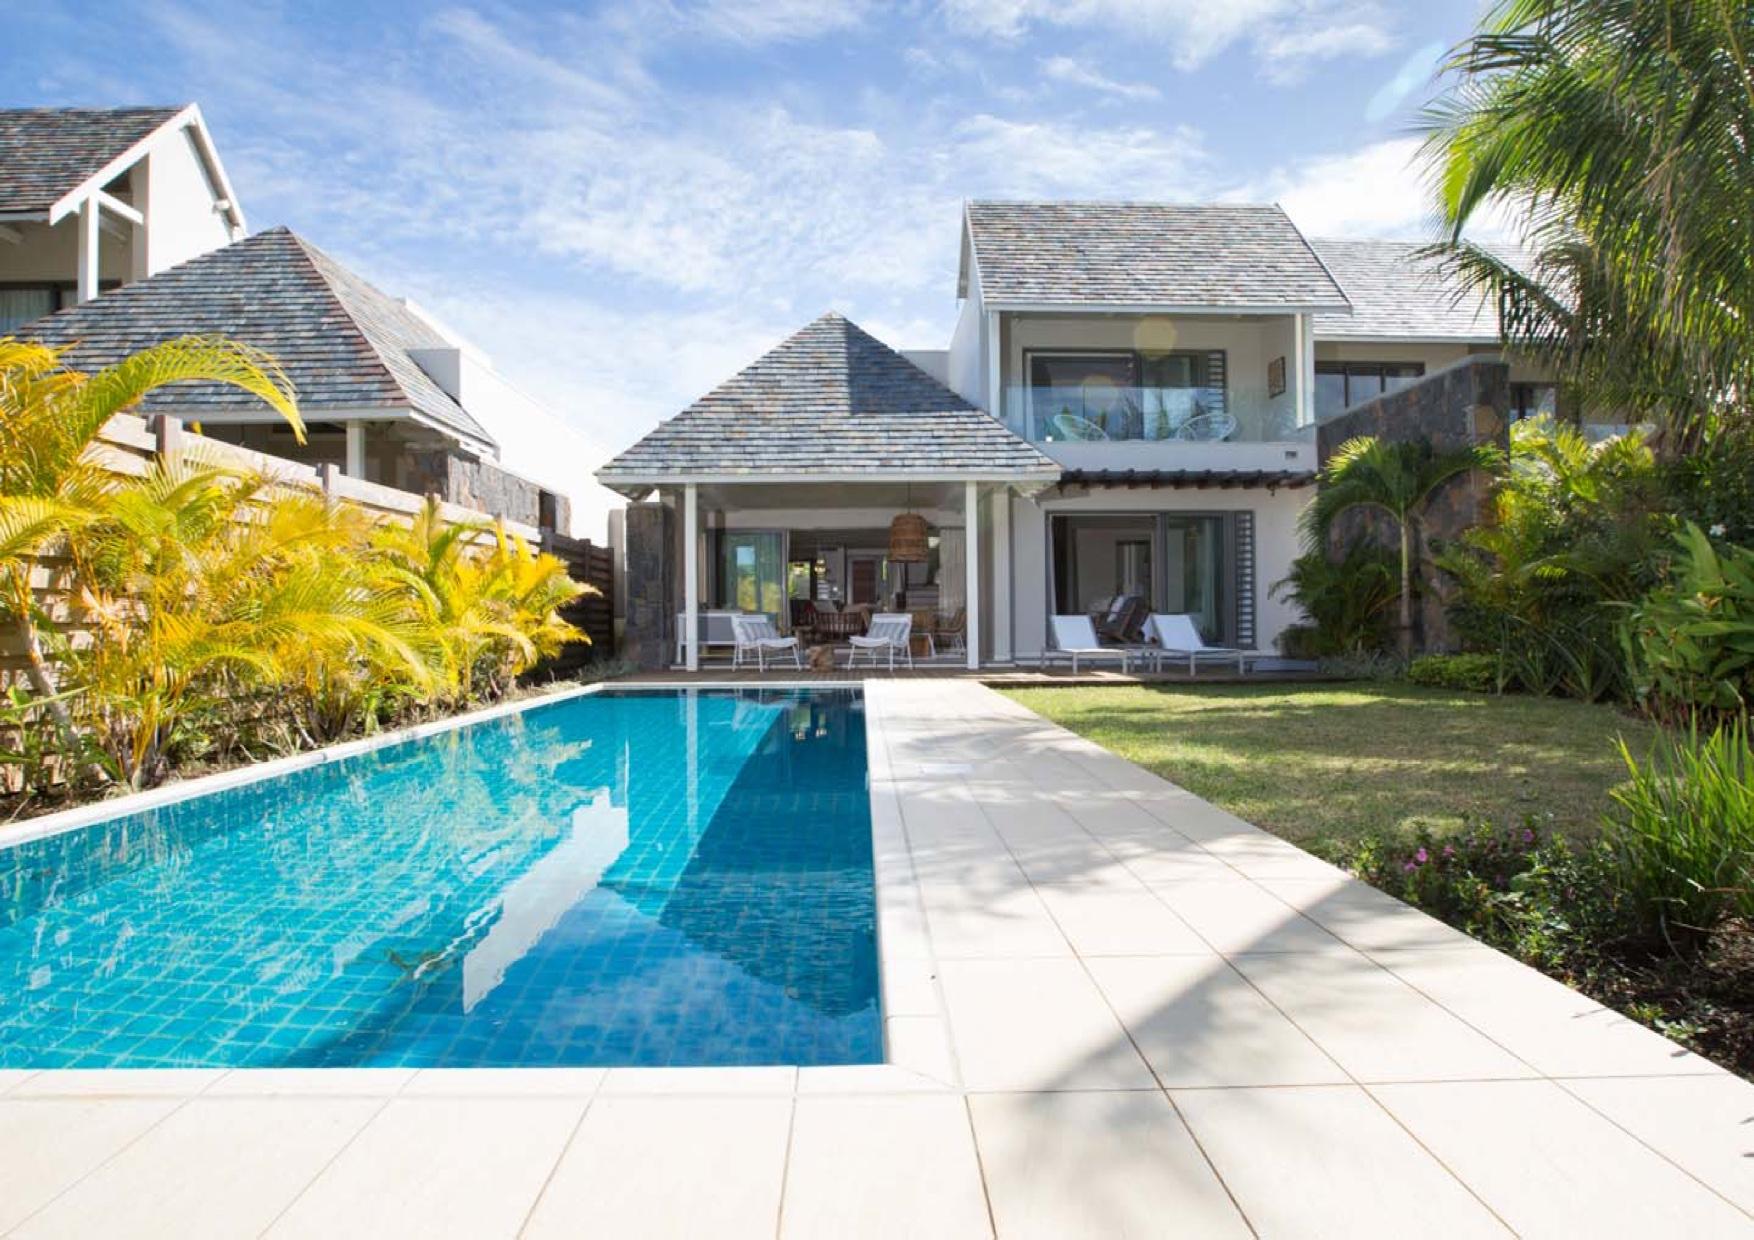 Résidence jumelée – Villa IRS 3 chambres à vendre Île Maurice